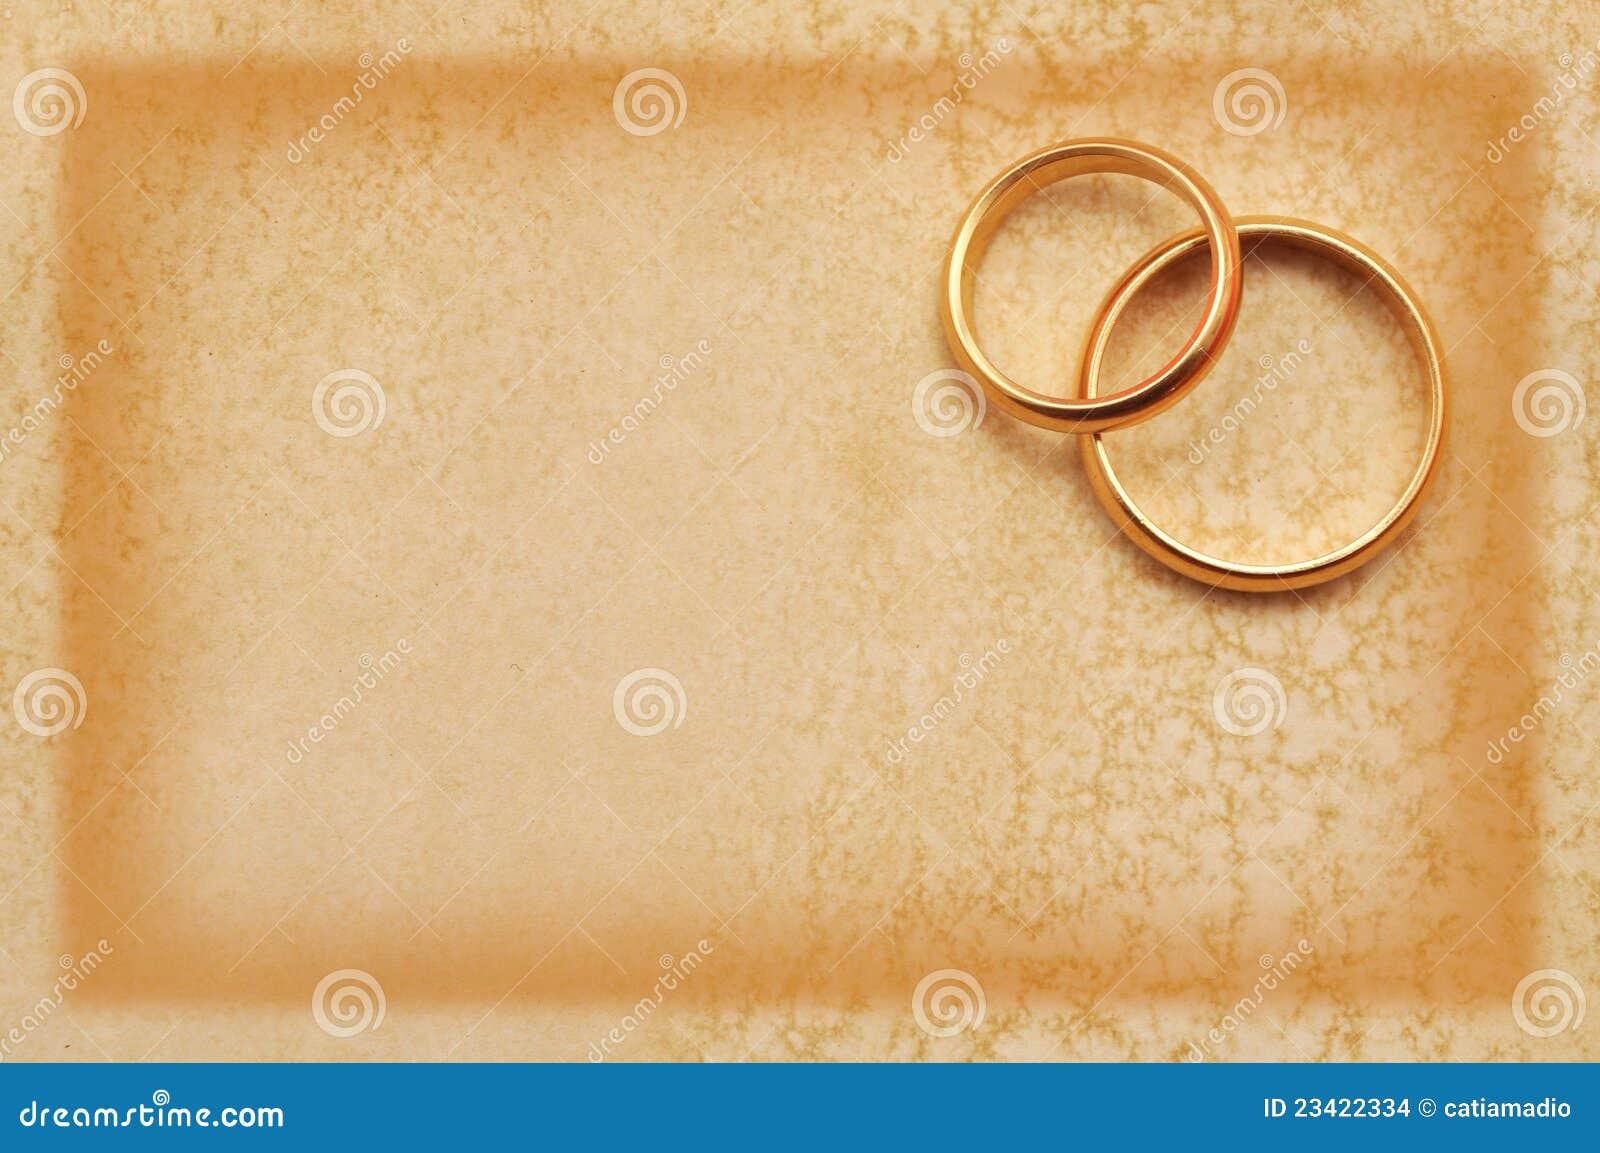 Hochzeit Grunge Karte Stockfoto Bild Von Ringe Karte 23422334